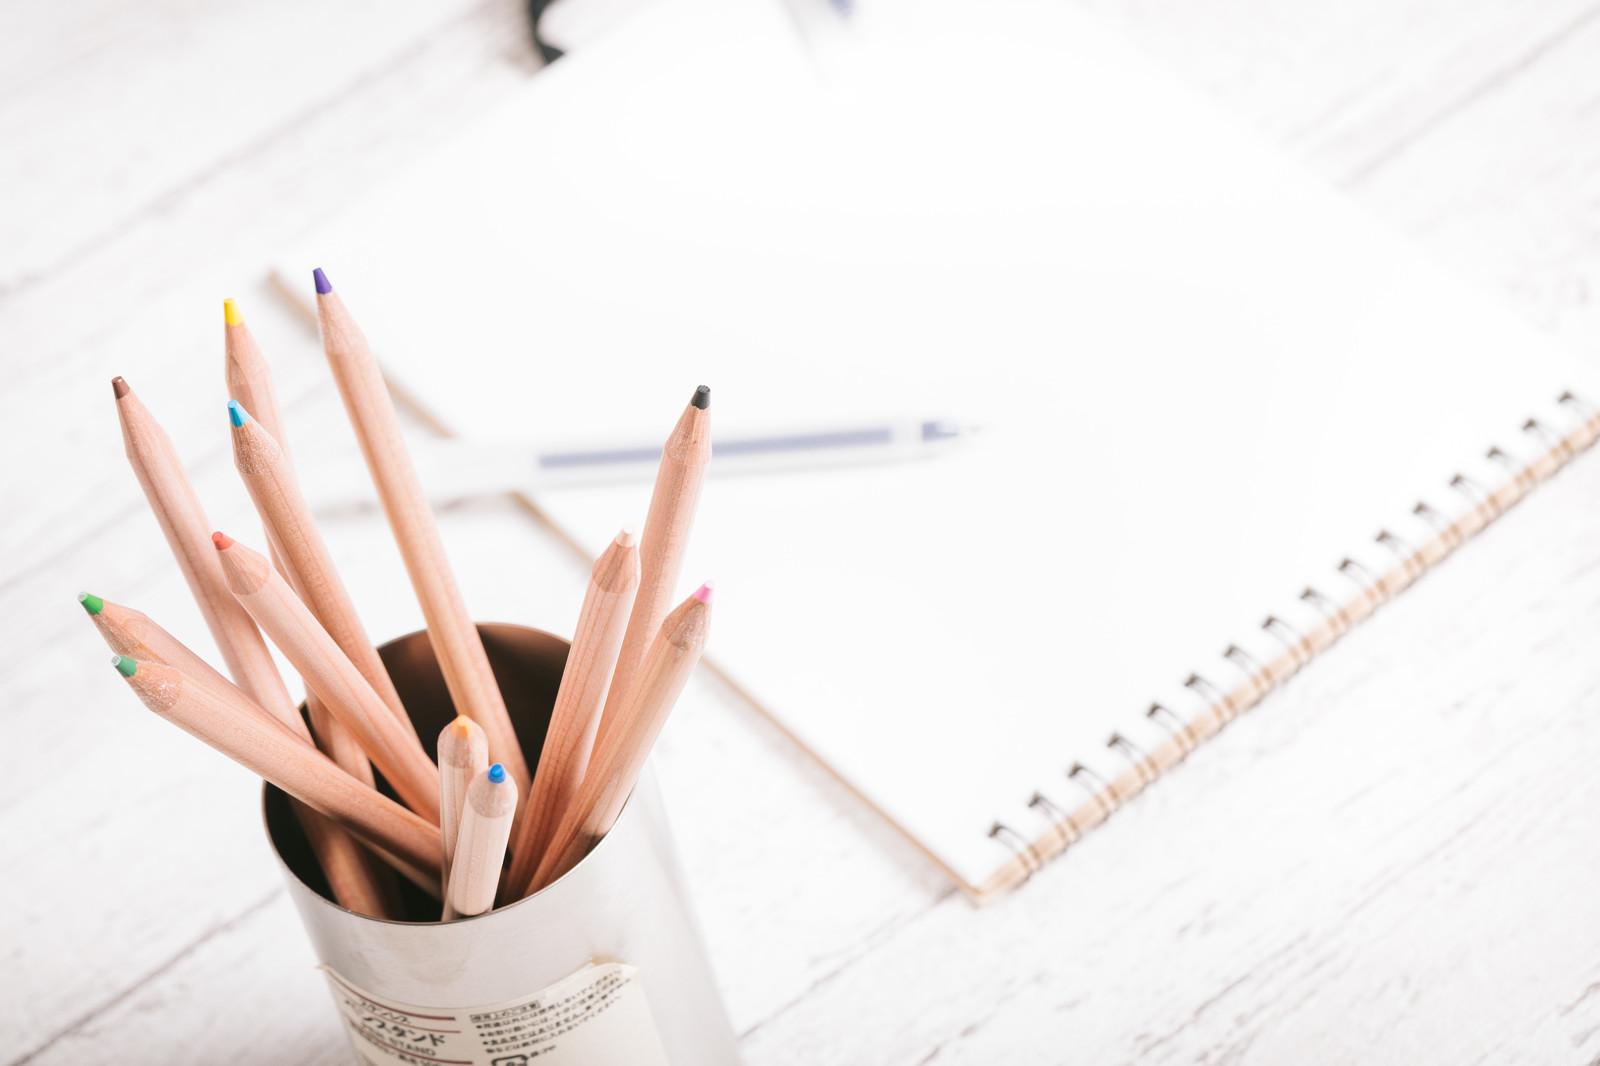 小学館の新しい通信教育まなびwithで2020年教育改革に備えましょう!